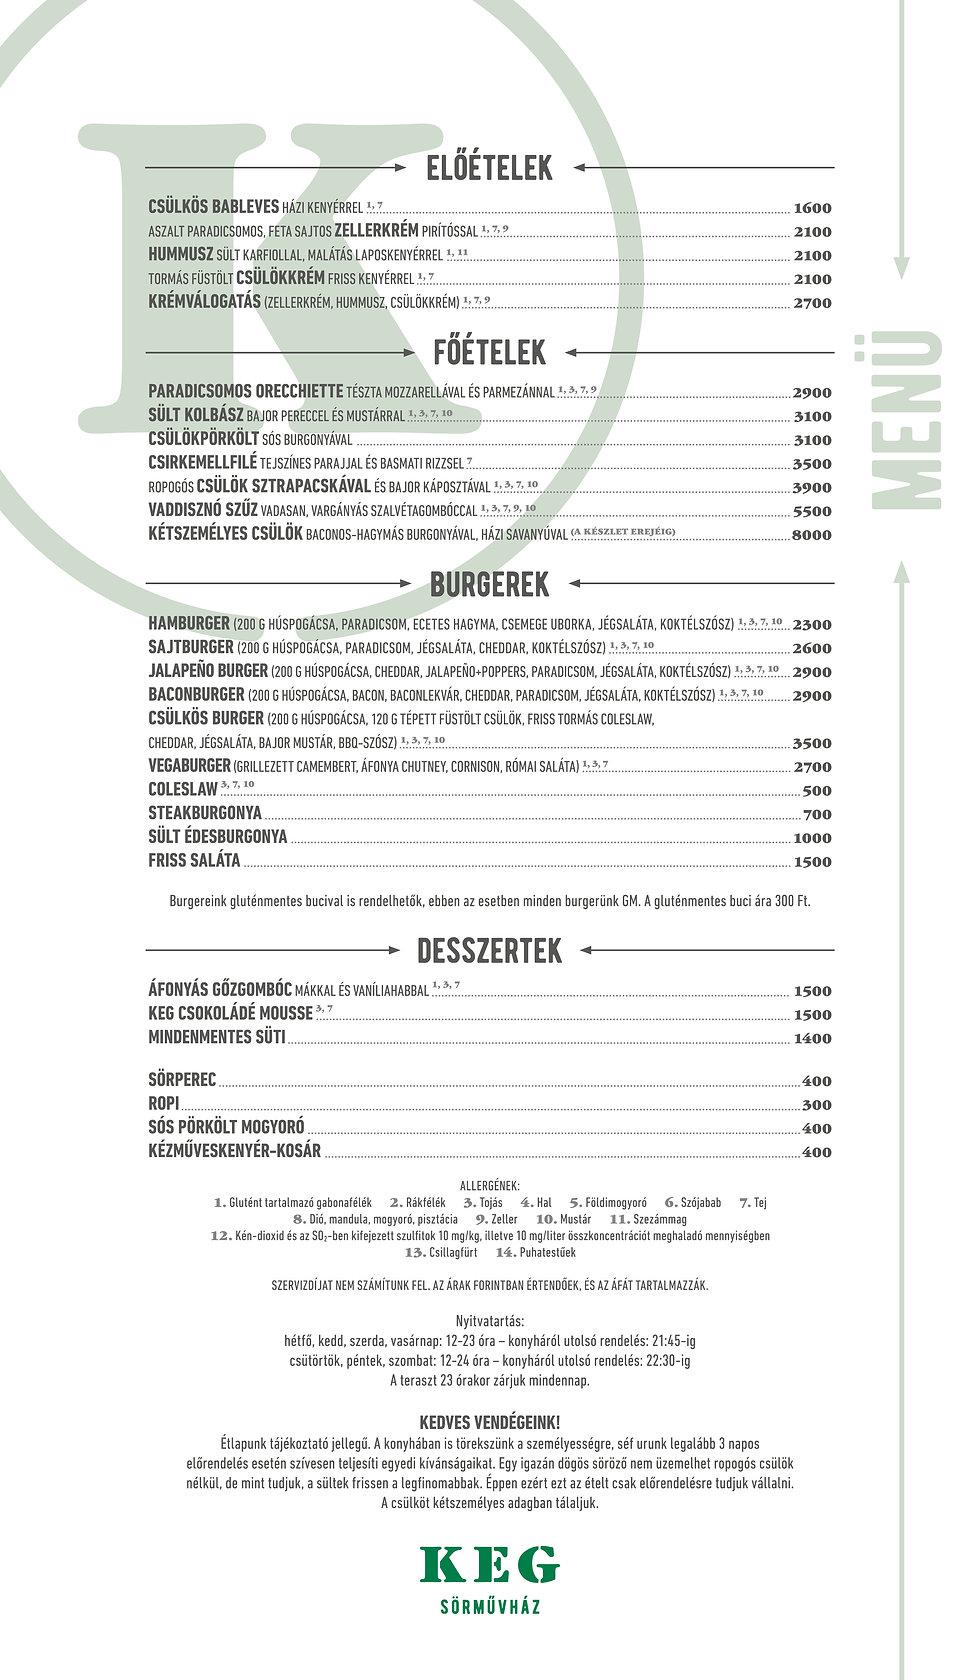 keg_sormuvhaz_menu_itallap_2021_10.jpg